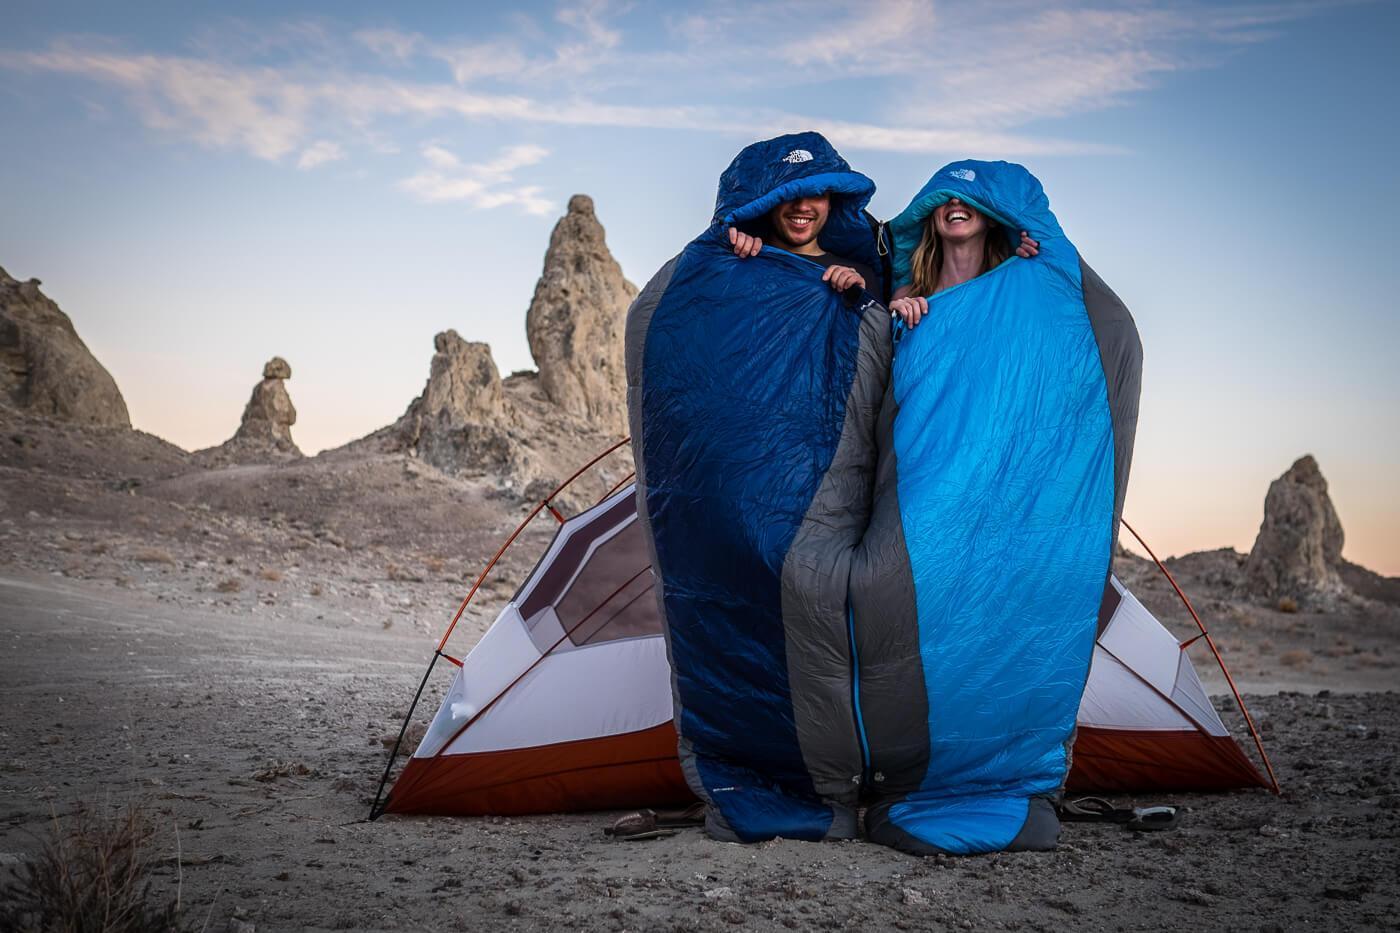 Mua túi ngủ cao cấp ở Travel Gear tphcm